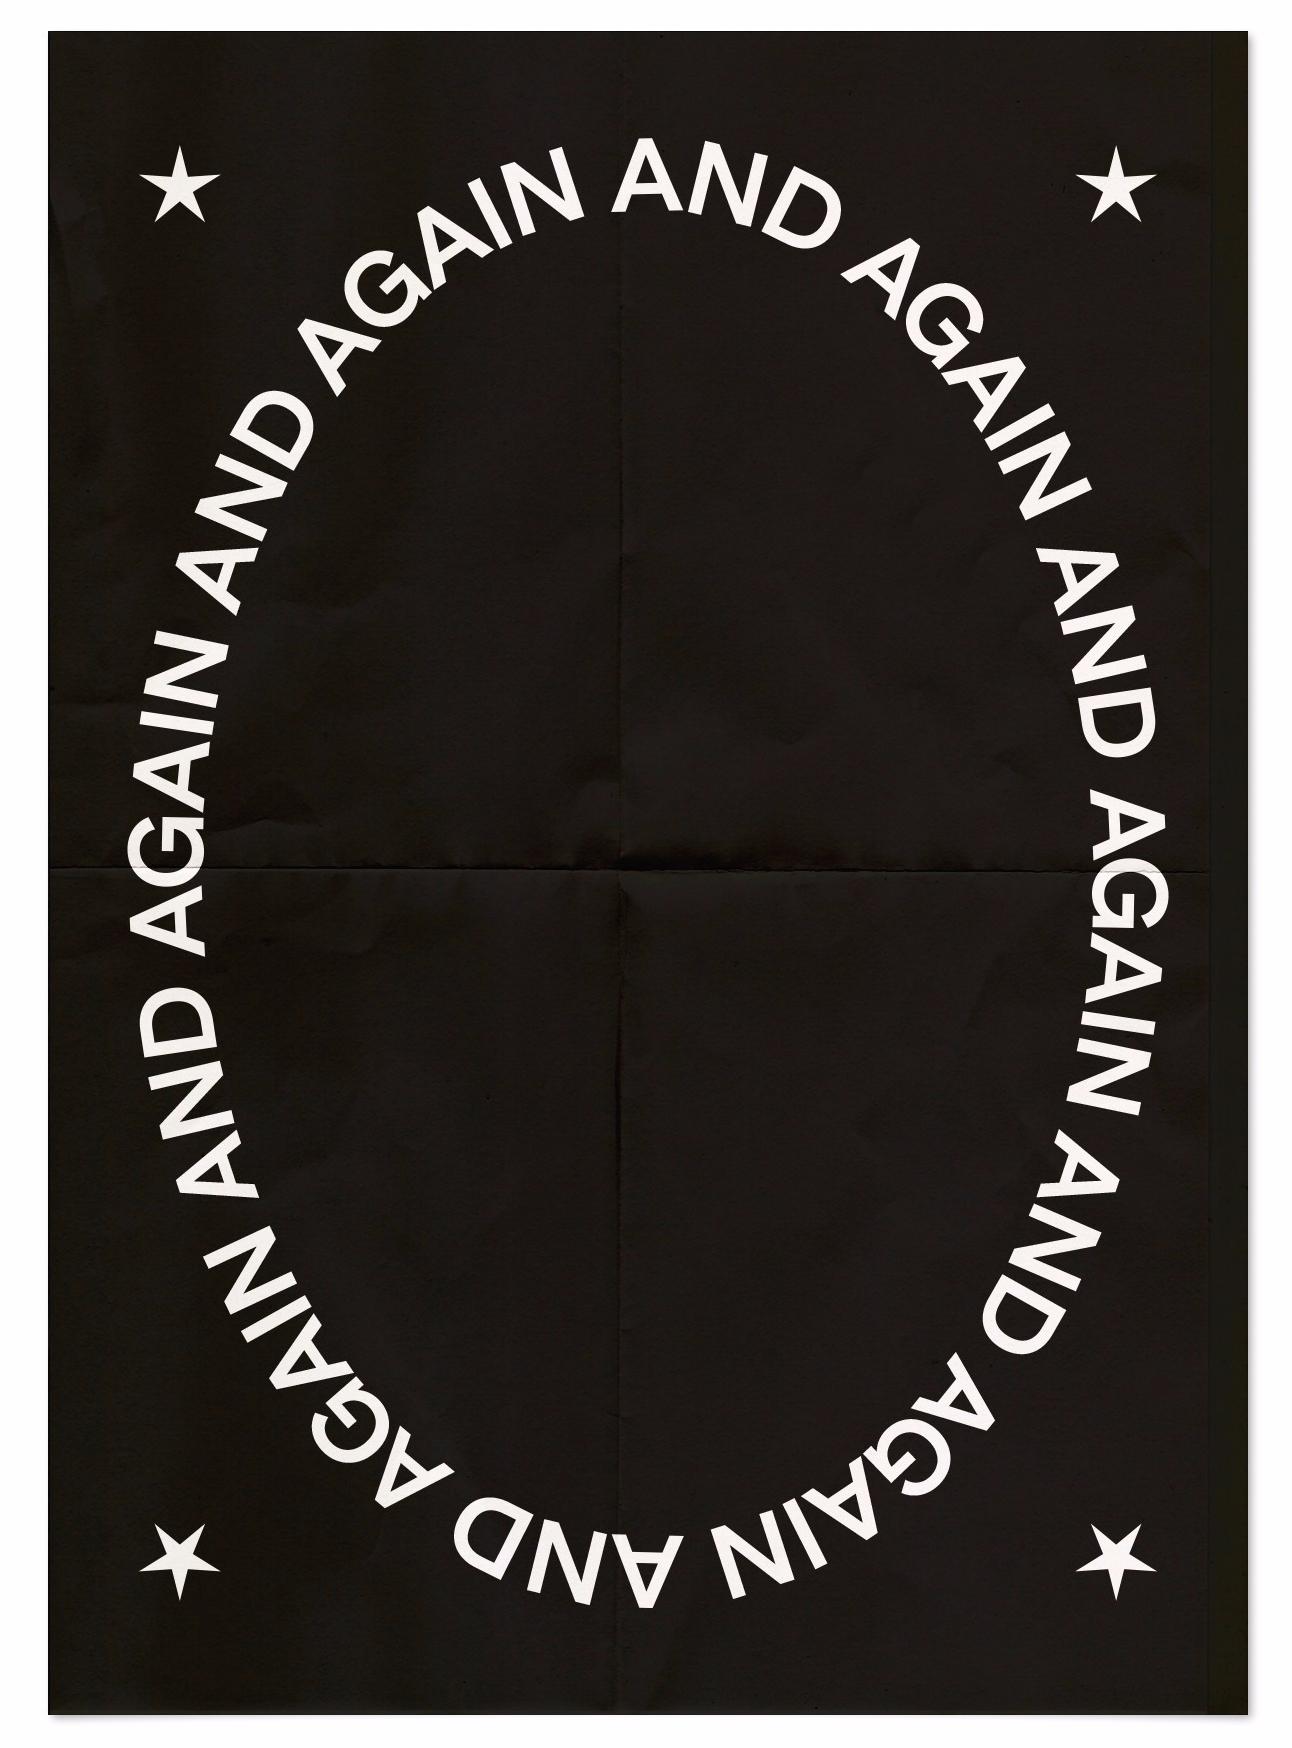 1 6 39.4 × 27.6 (100 70 cm) exc - brunorodrigues   ello